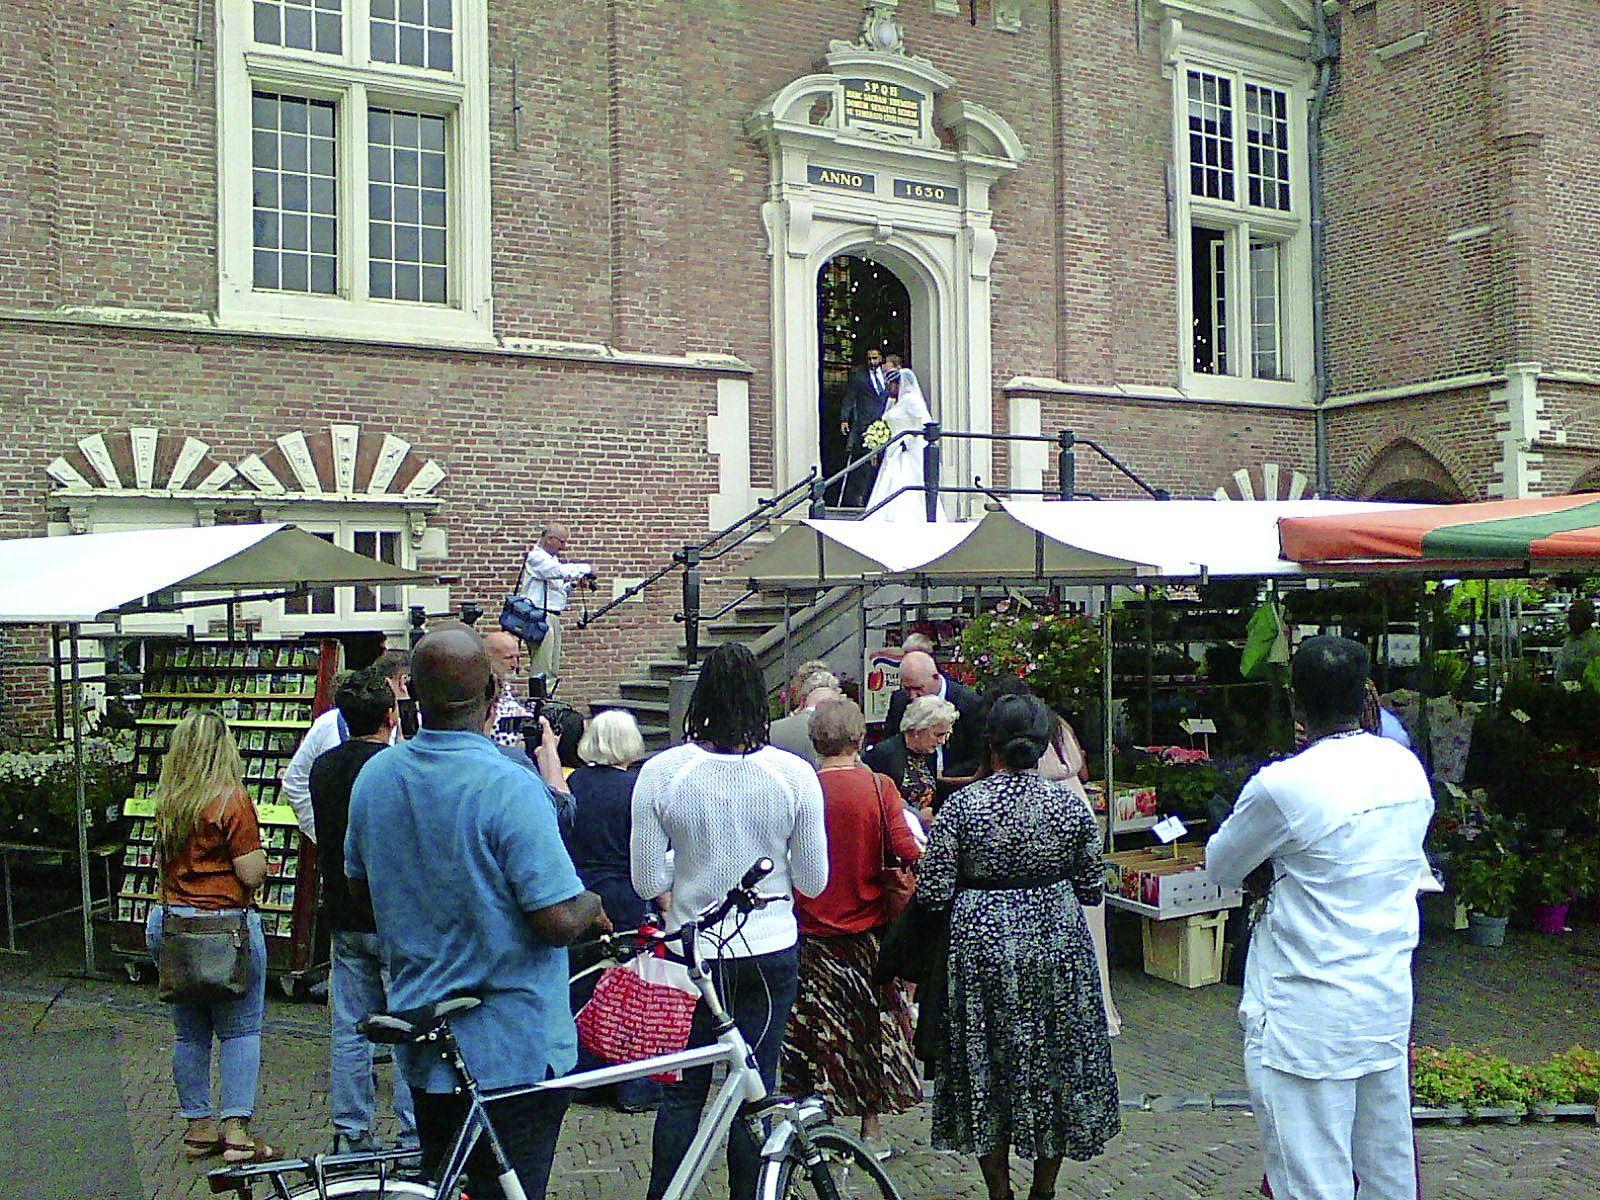 Woud van marktkramen blokkeert stadhuis in Haarlem. 'Heeft de marktmeester eigenlijk overleg met Burgerzaken als er een huwelijk is?'